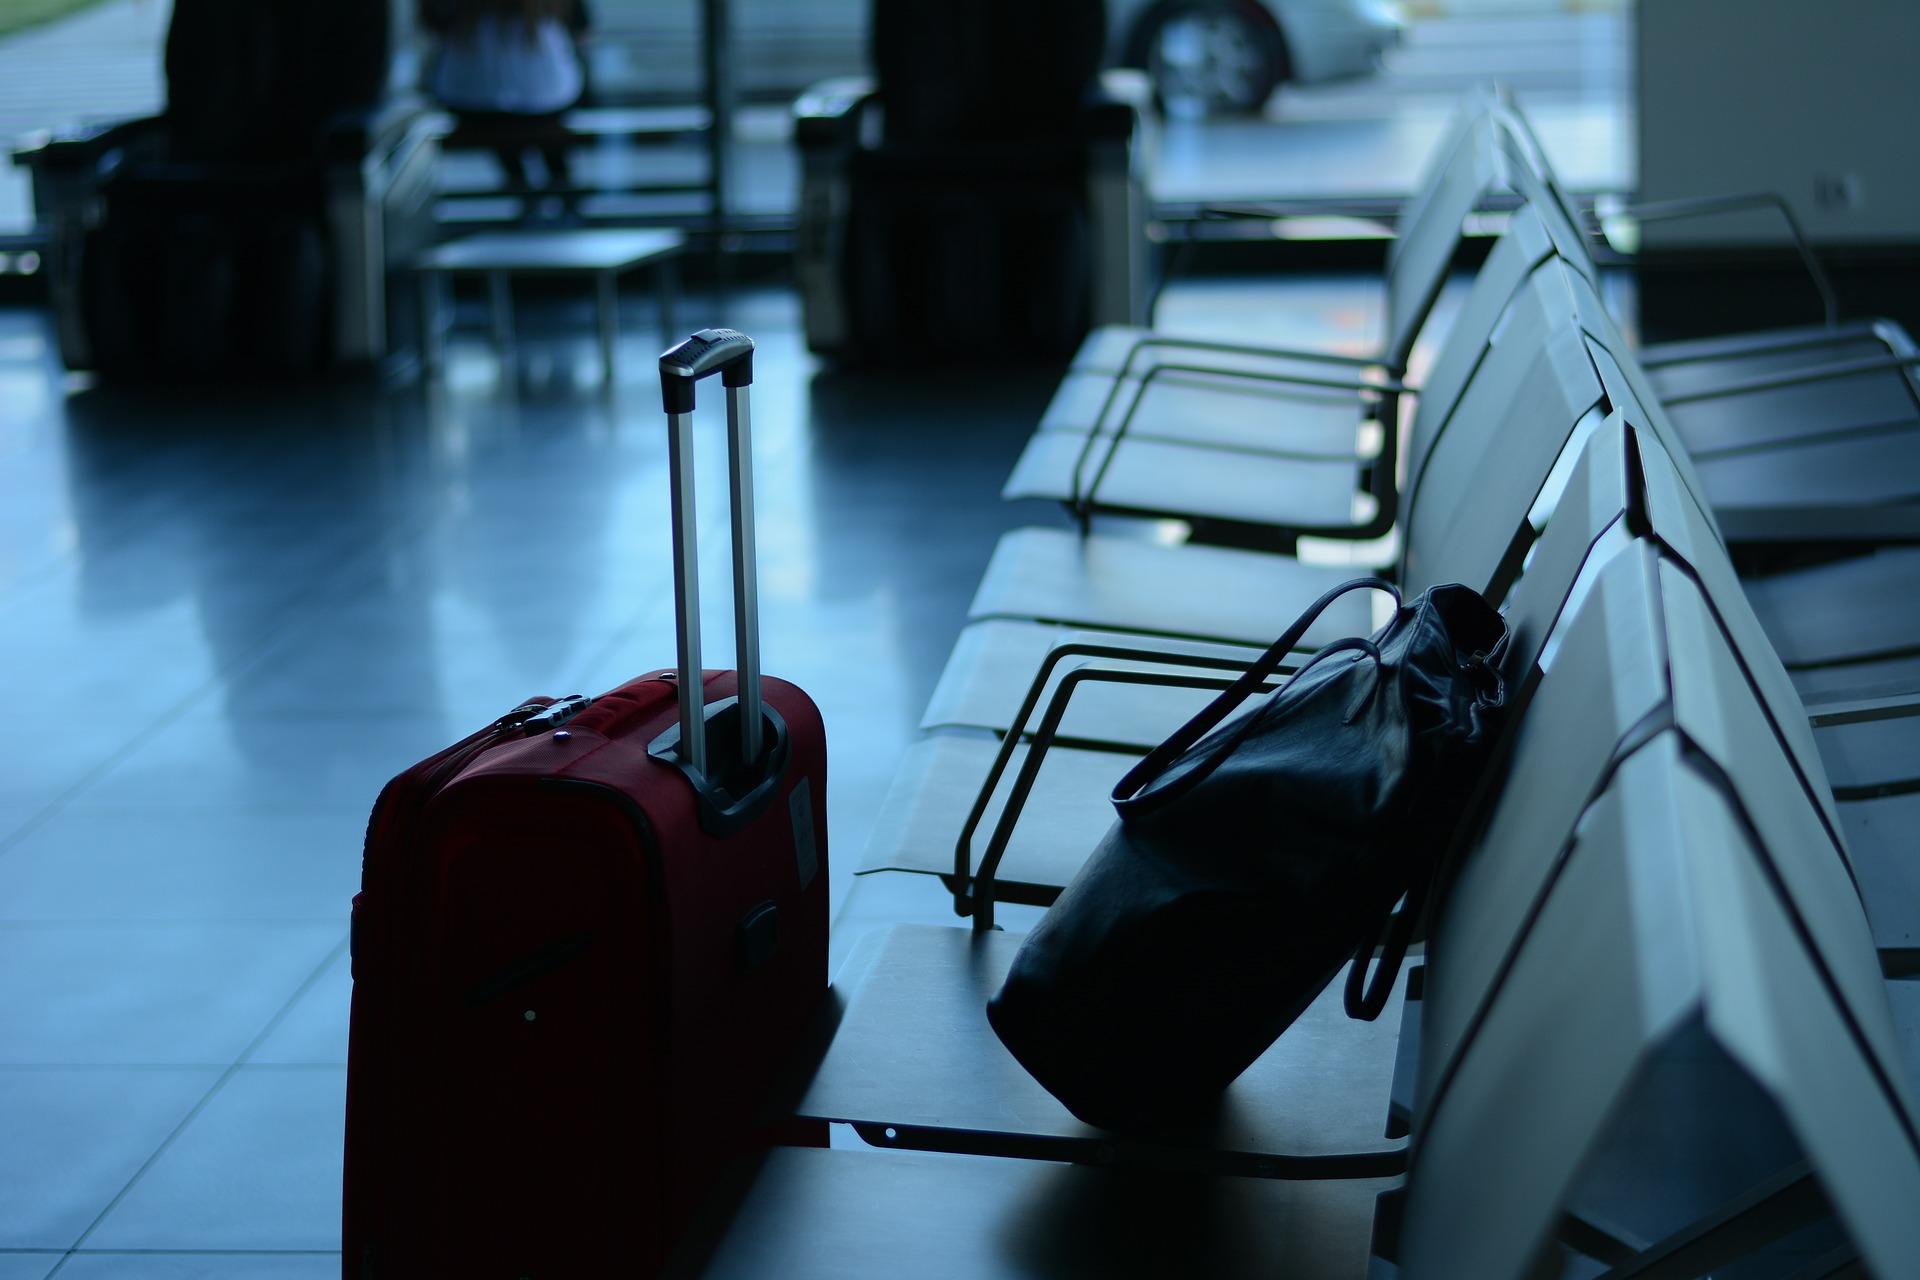 Wer zahlt eine Entschädigung, wenn der Koffer kaputt geht? Credit: pixabay.com/StelaDi